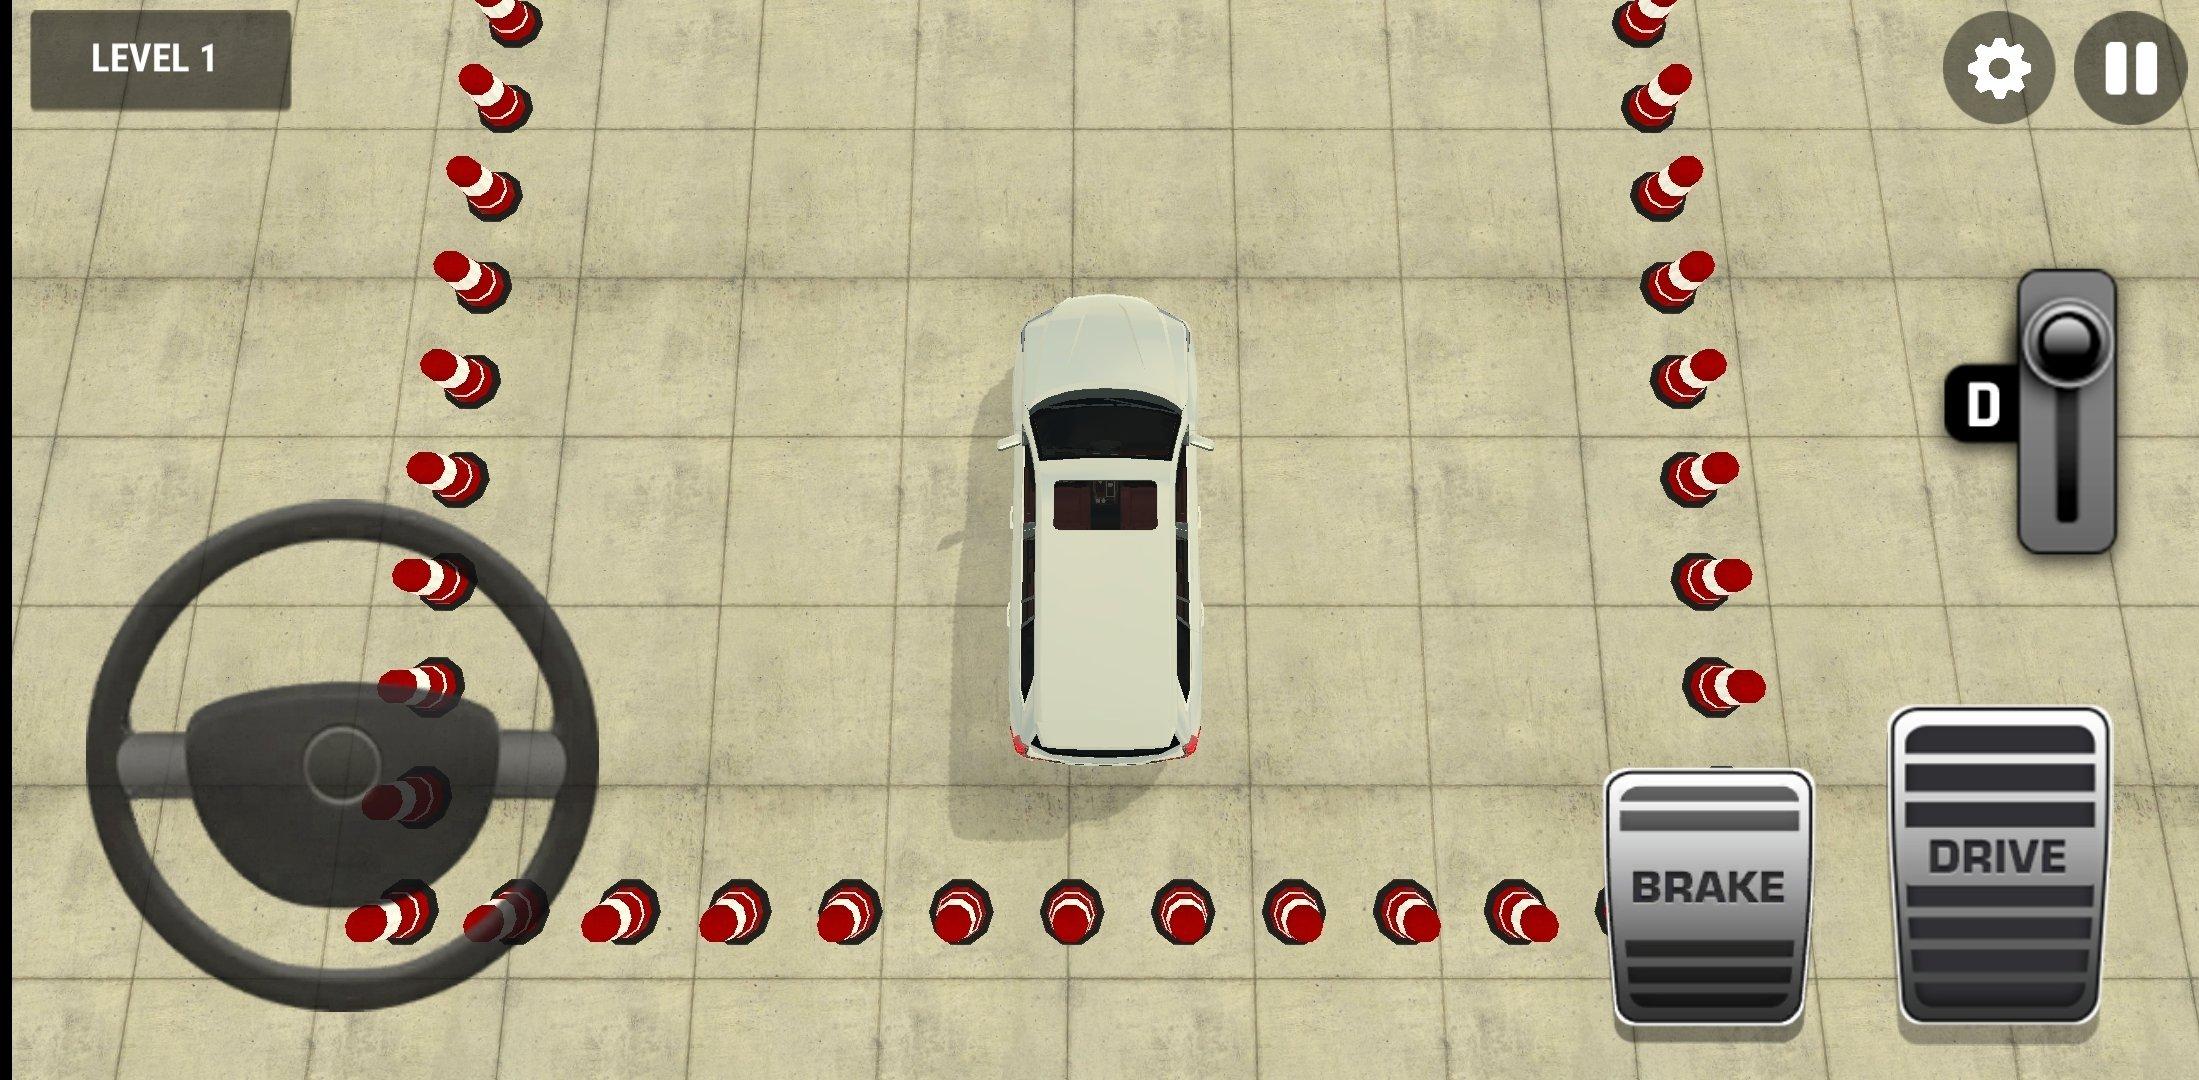 Prado Car Parking 1 3 6 Telecharger Pour Android Apk Gratuitement